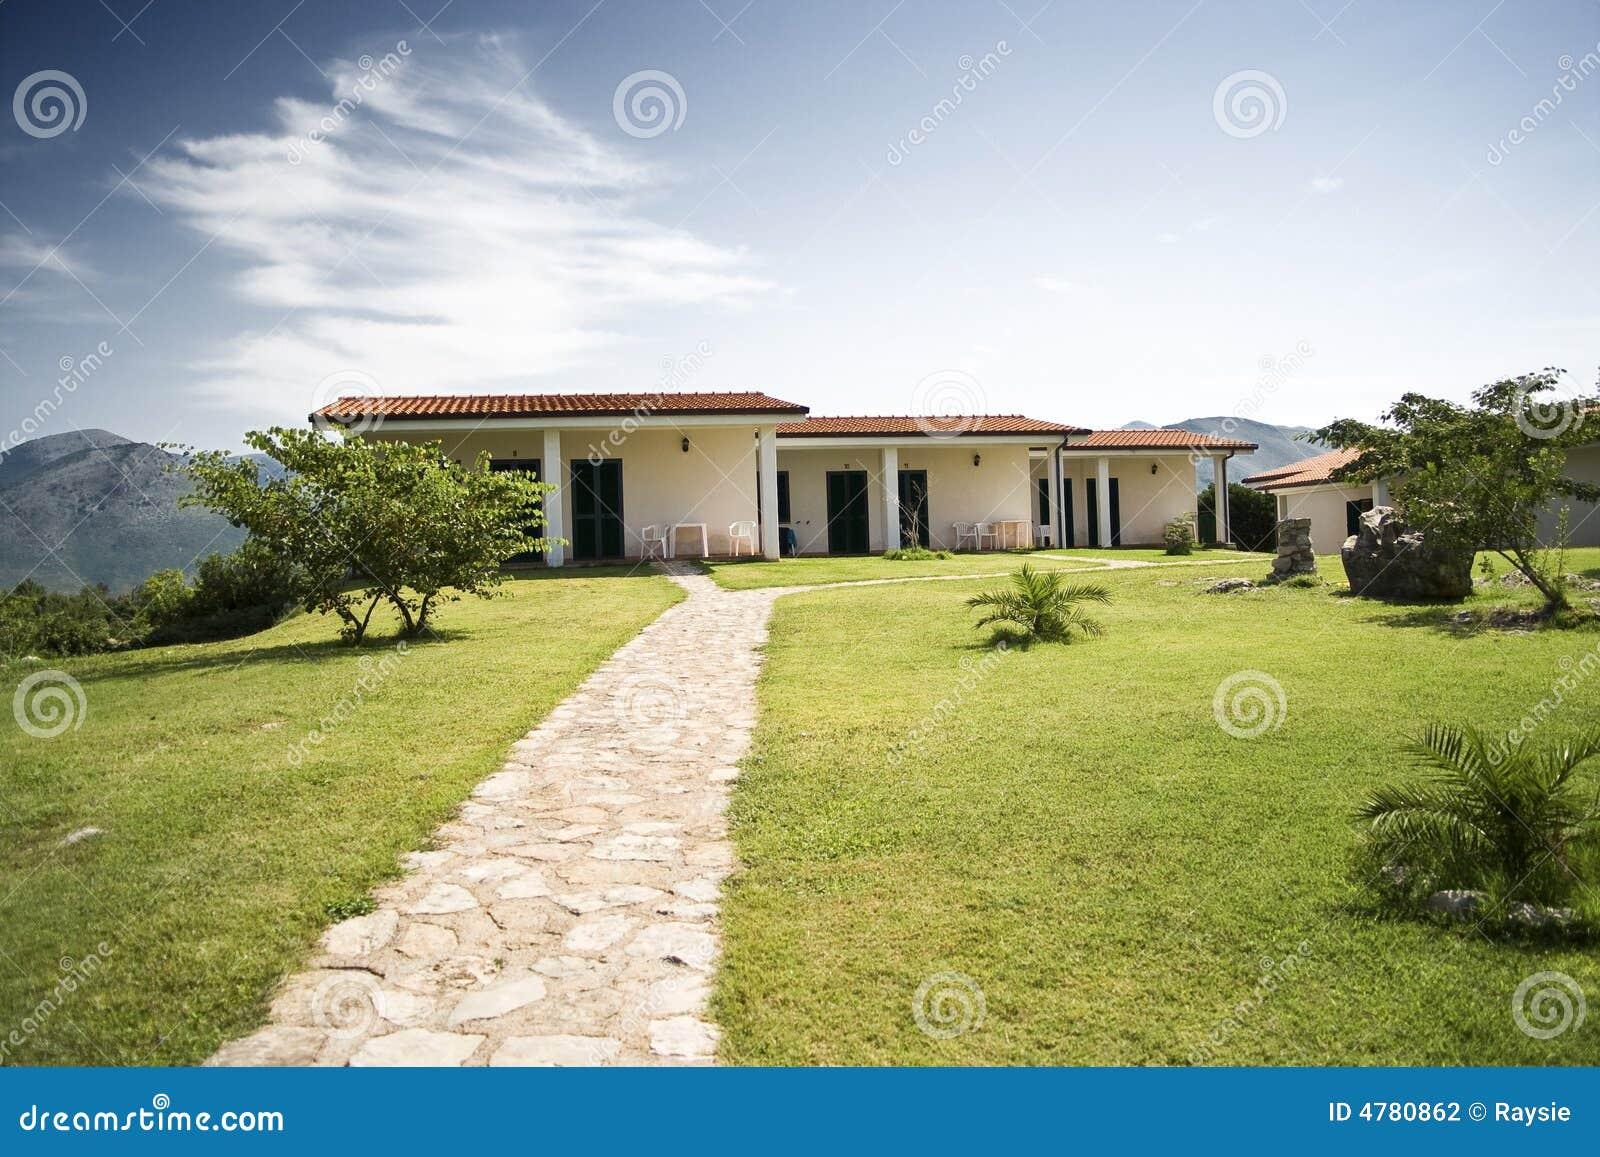 Casas de planta baja en una colina for Casa de planta baja